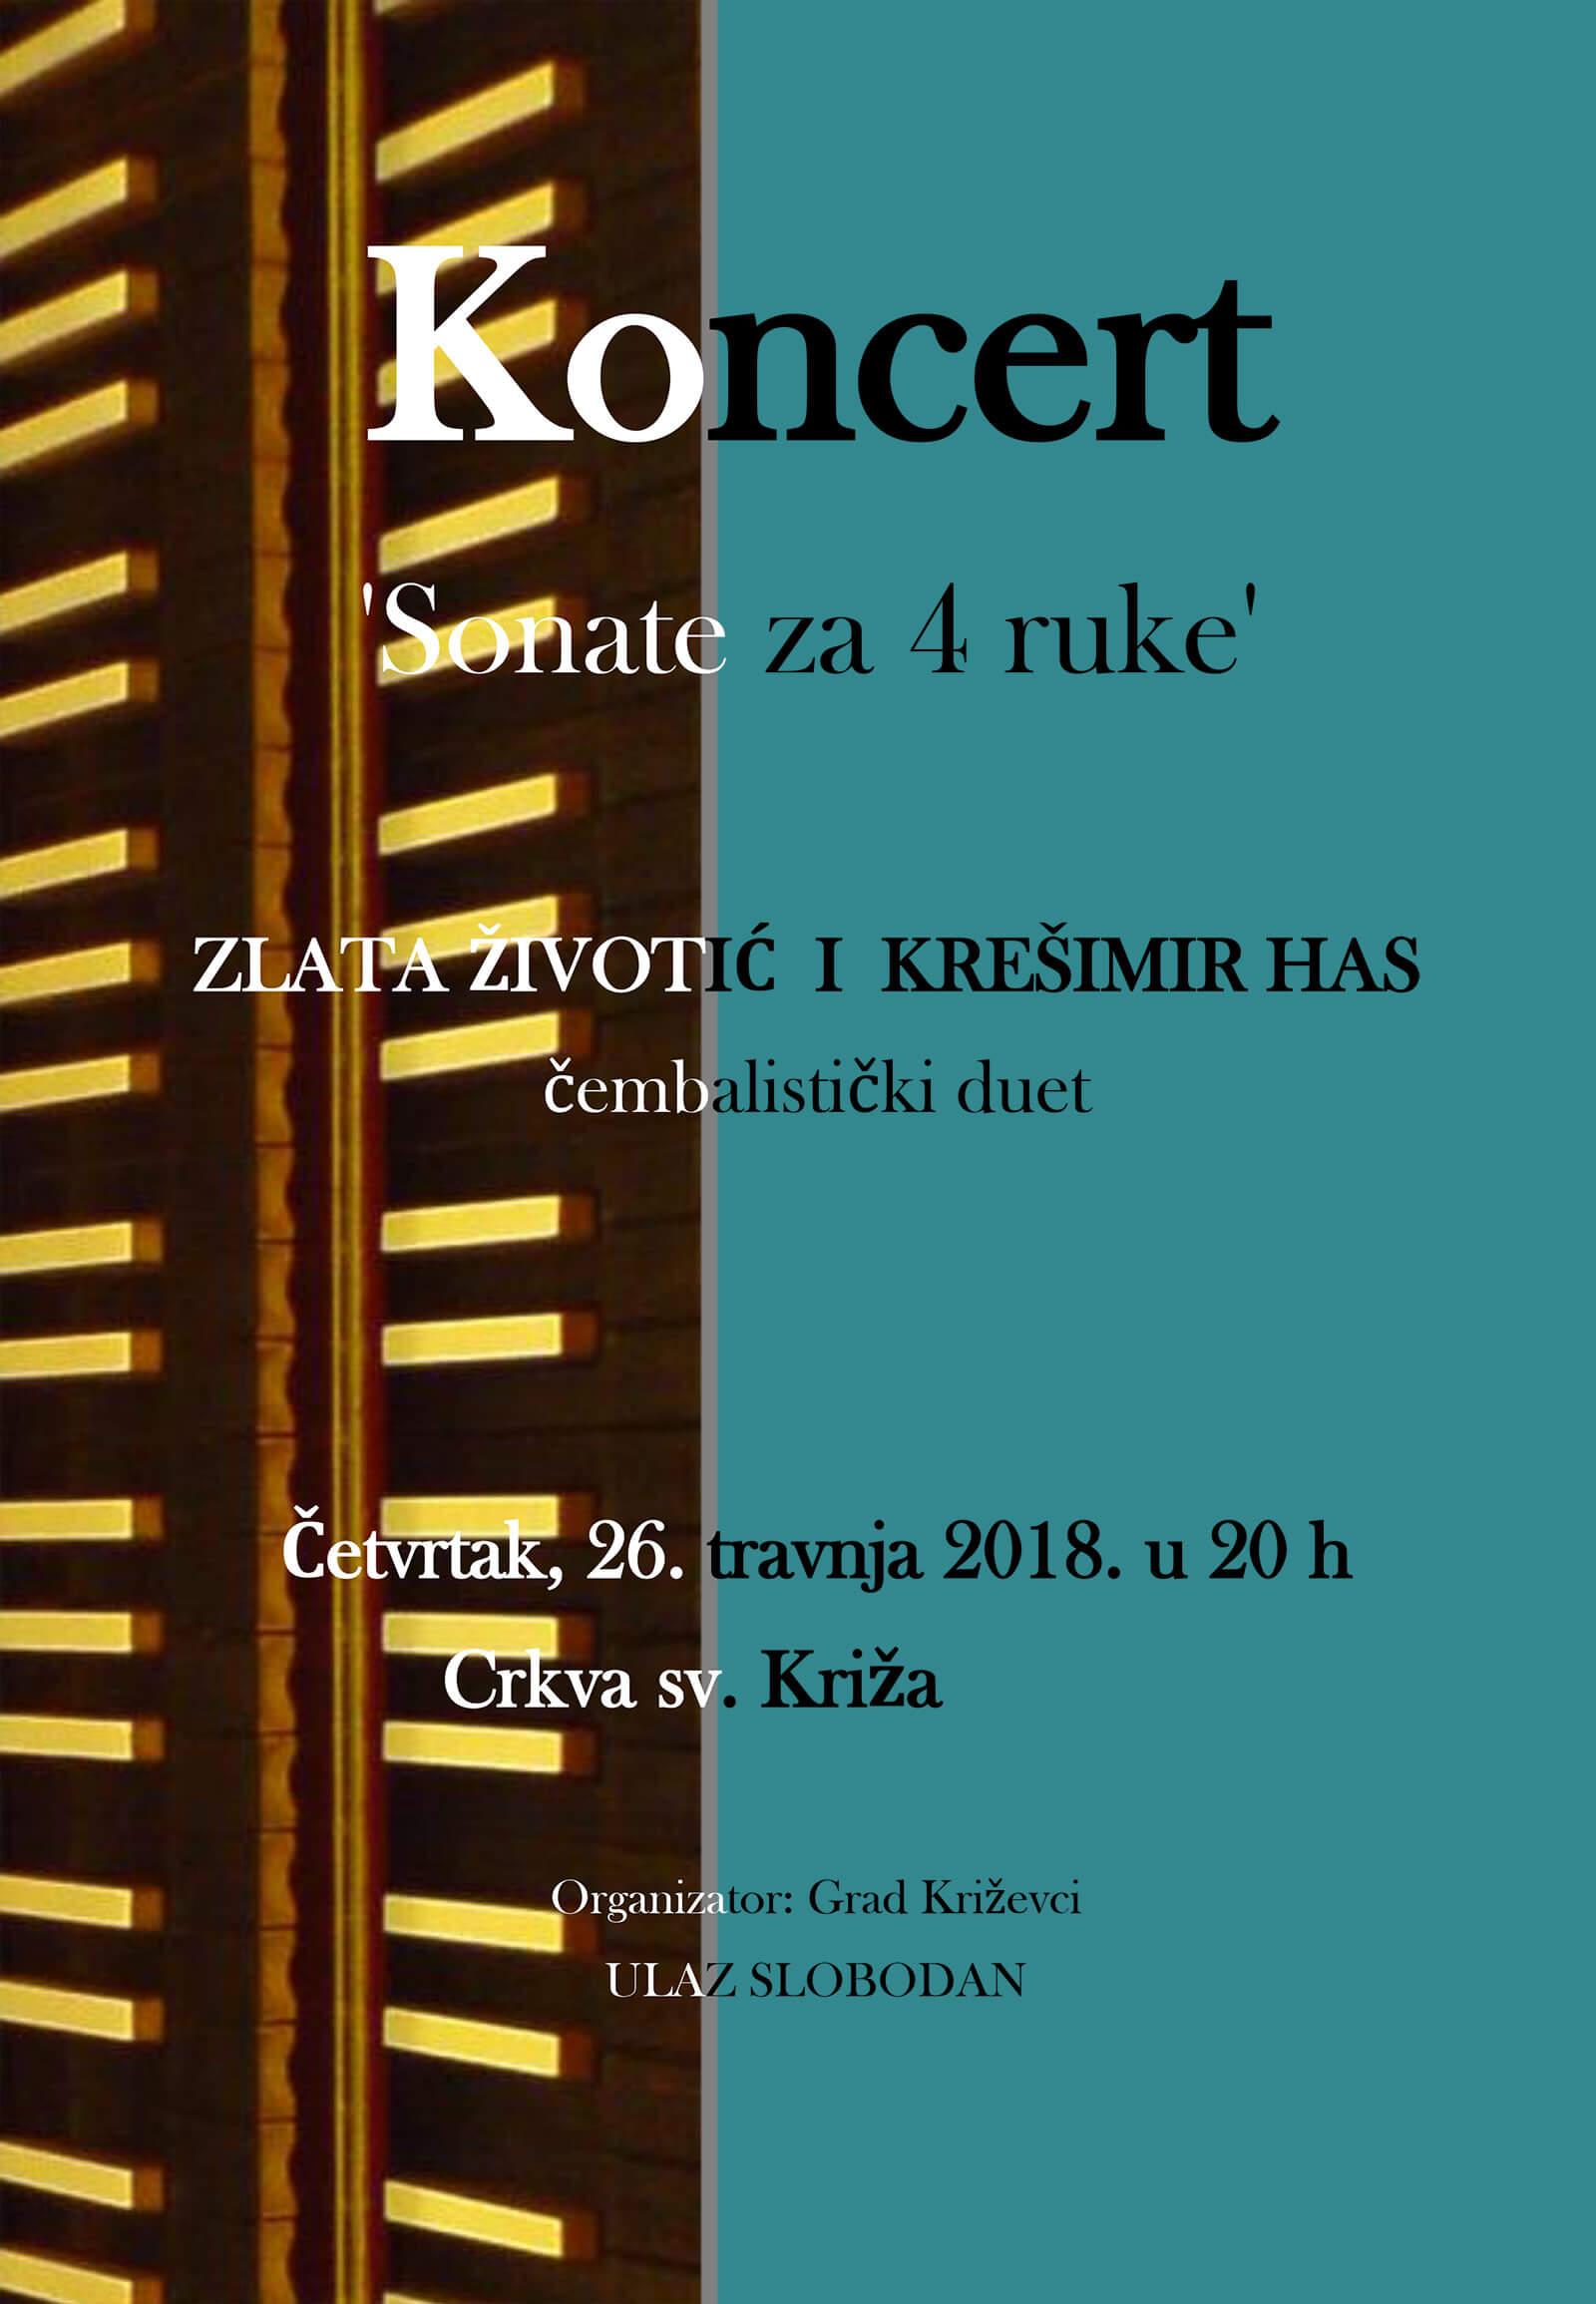 Koncert 'Sonate za 4 ruke' u četvrtak u crkvi sv. Križa